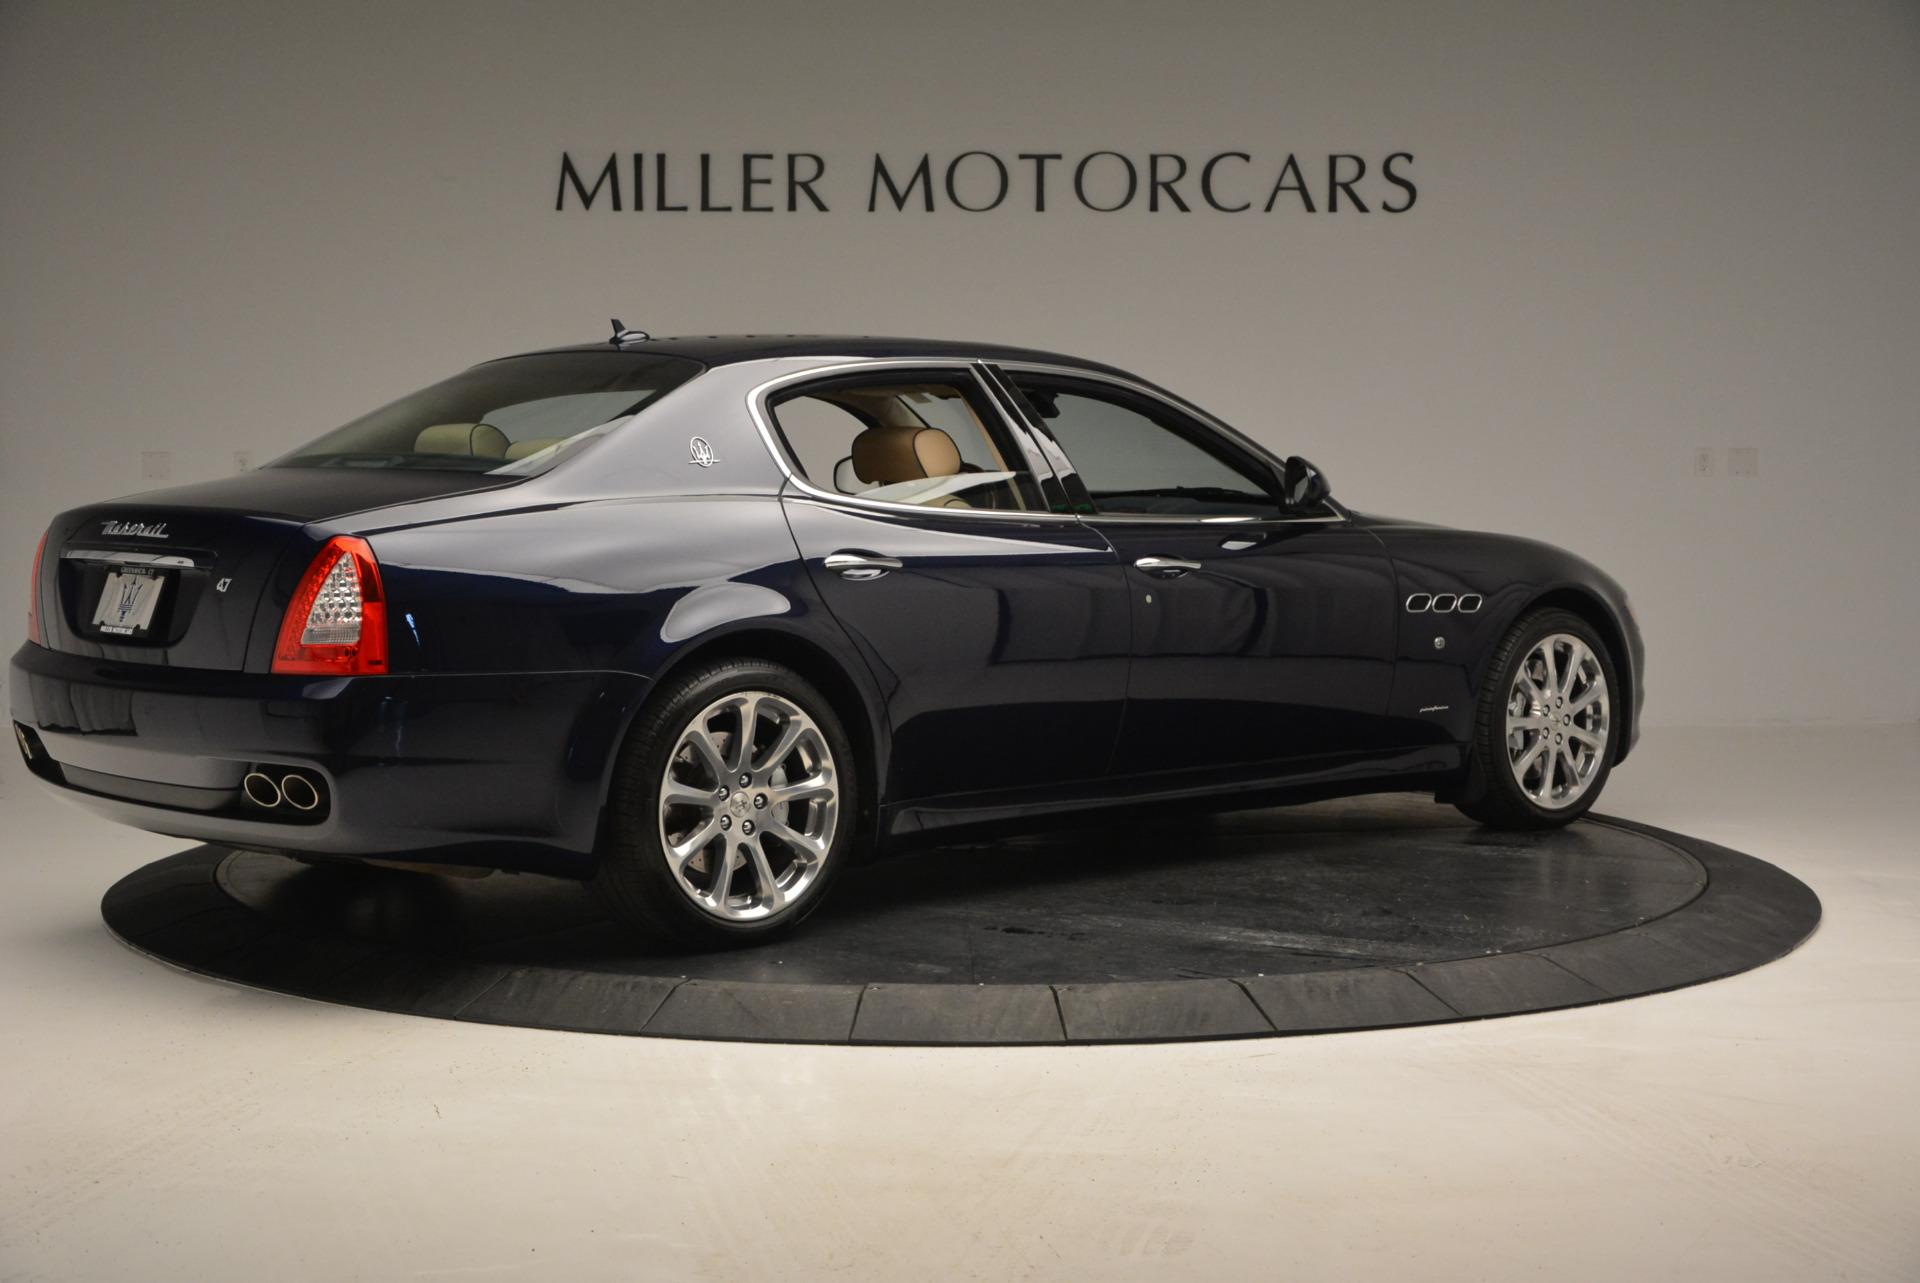 Used 2010 Maserati Quattroporte S For Sale In Greenwich, CT. Alfa Romeo of Greenwich, 1267 795_p8